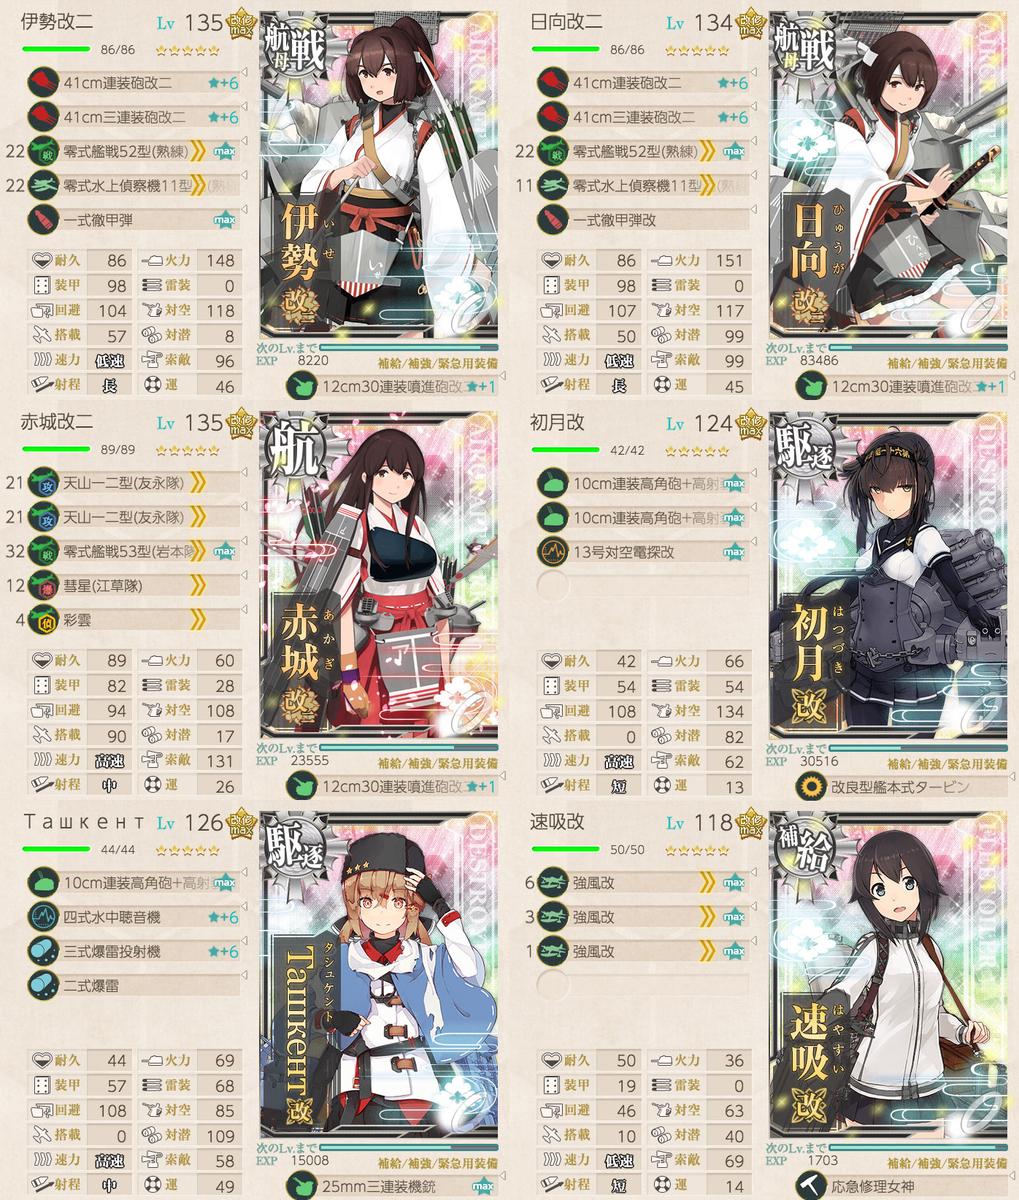 f:id:nameless_admiral:20200620152950j:plain